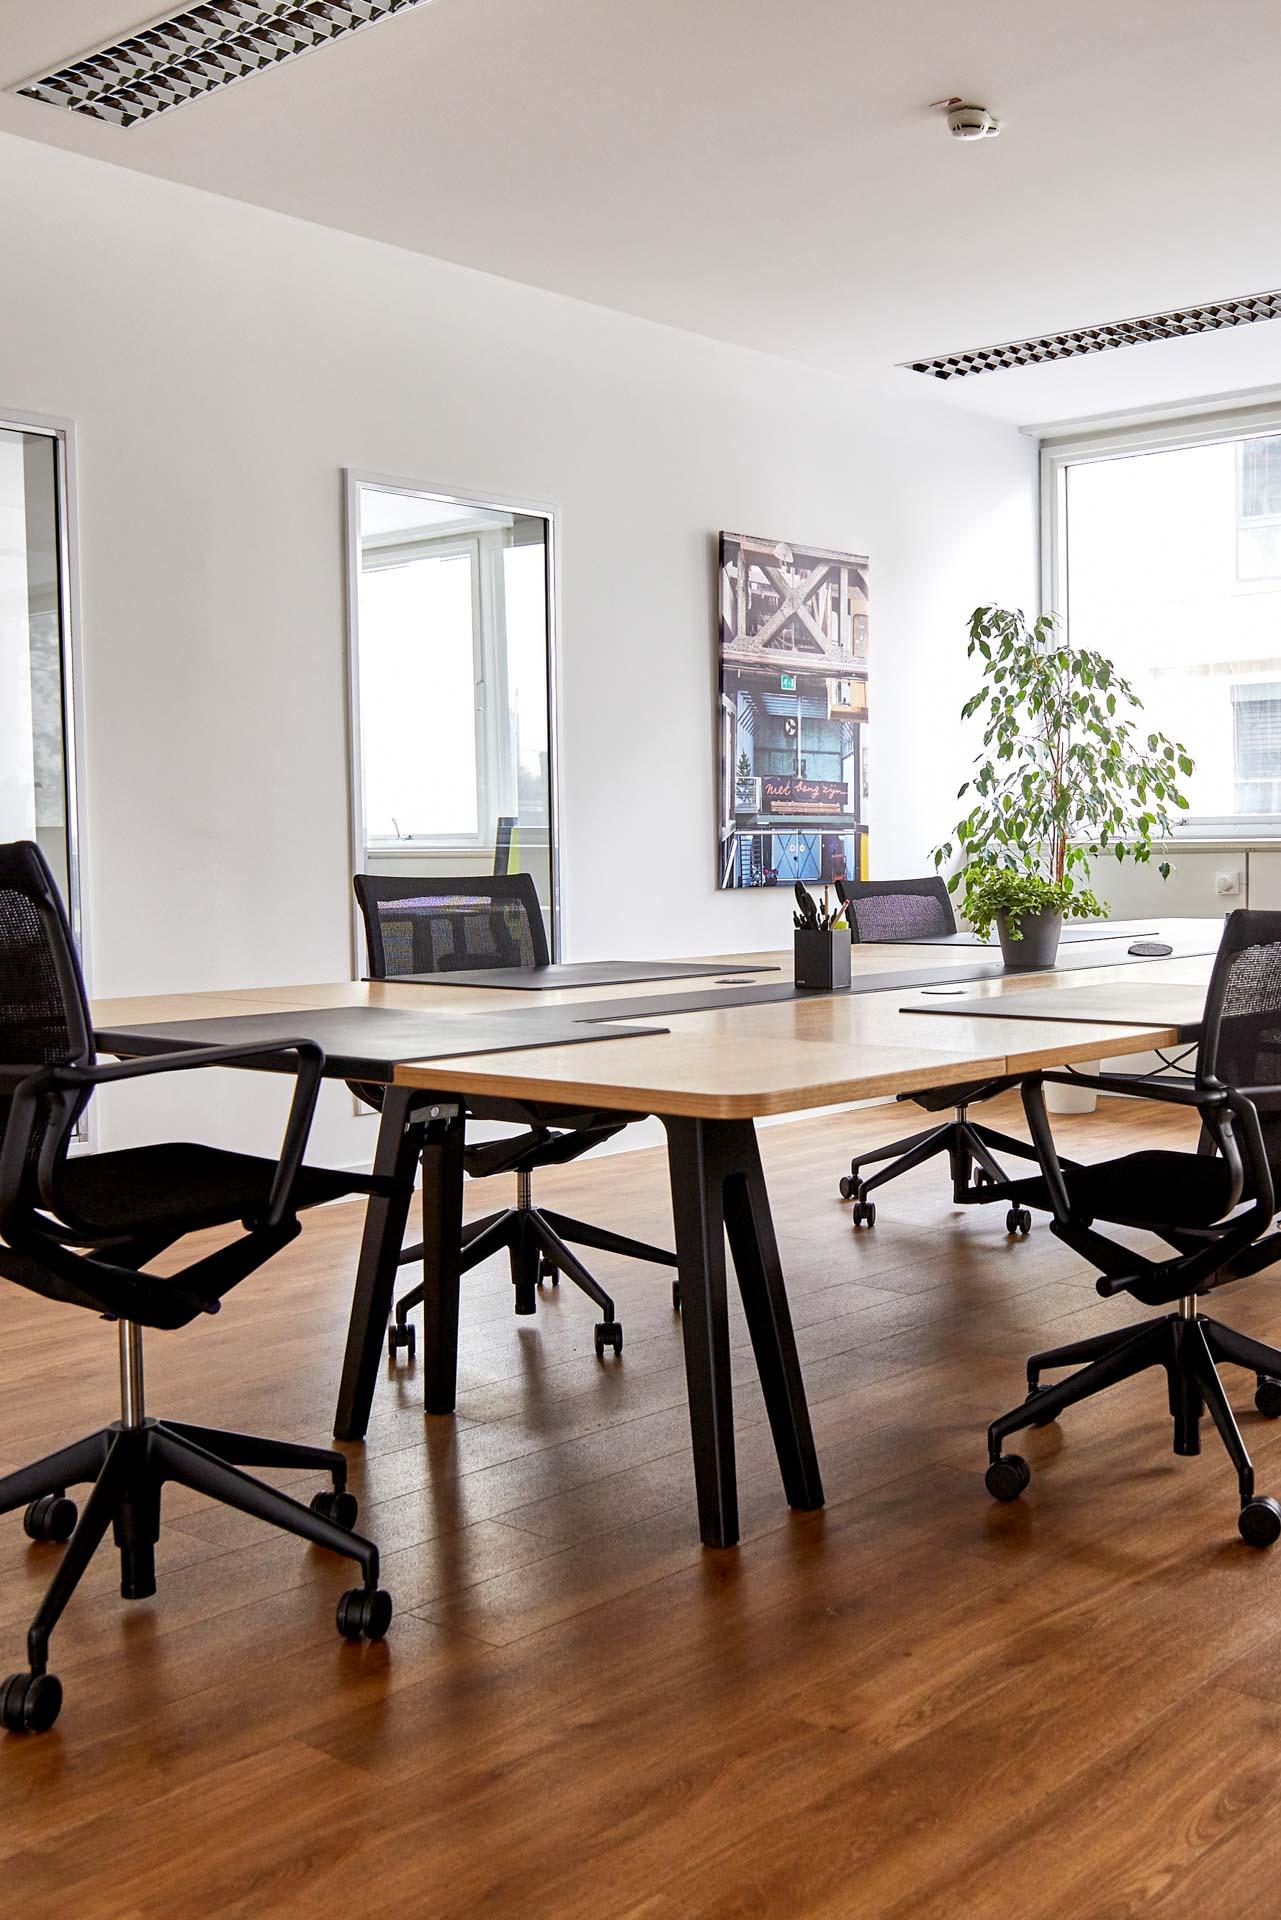 Innenansicht eines Großraumbüros für 6 Coworker, die um einen Tisch aus hellem Holz im Zentrum auf Drehstühlen Platz finden. Auf dem Tisch befinden sich Unterlagen, eine Büropflanze und ein Becher mit Kugelschreibern. An der Wand hängen zwei große Spiegel, die das einfallende Tageslicht reflektieren.